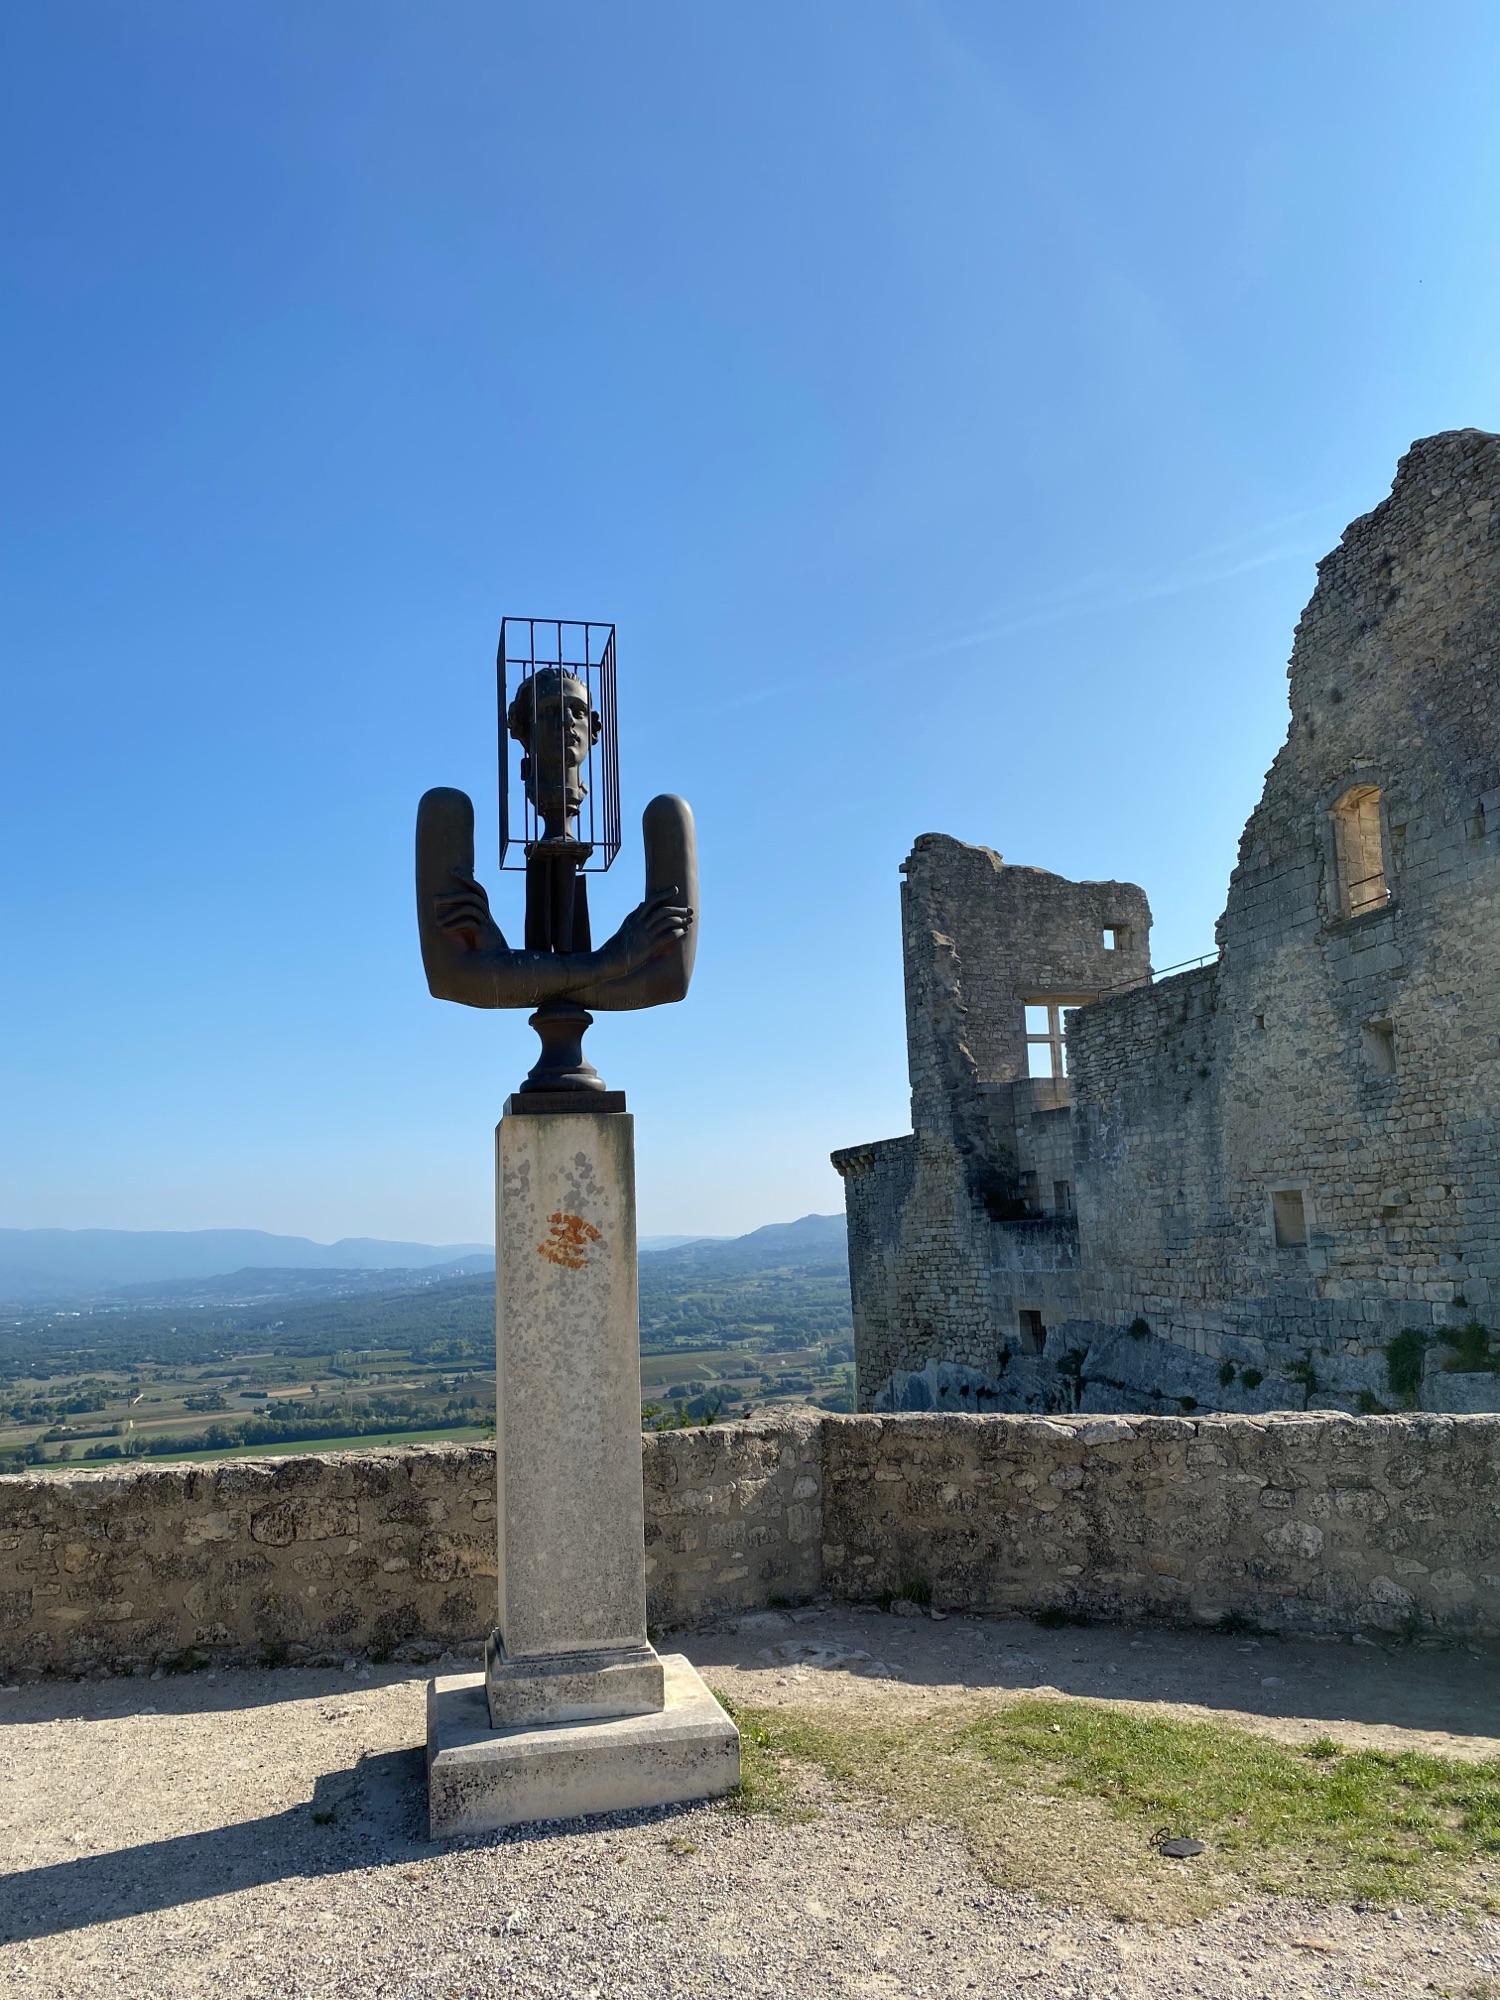 Памятник Маркизу де Саду (все помнят книжку?) и его шато. Шато -увы- закрыто.